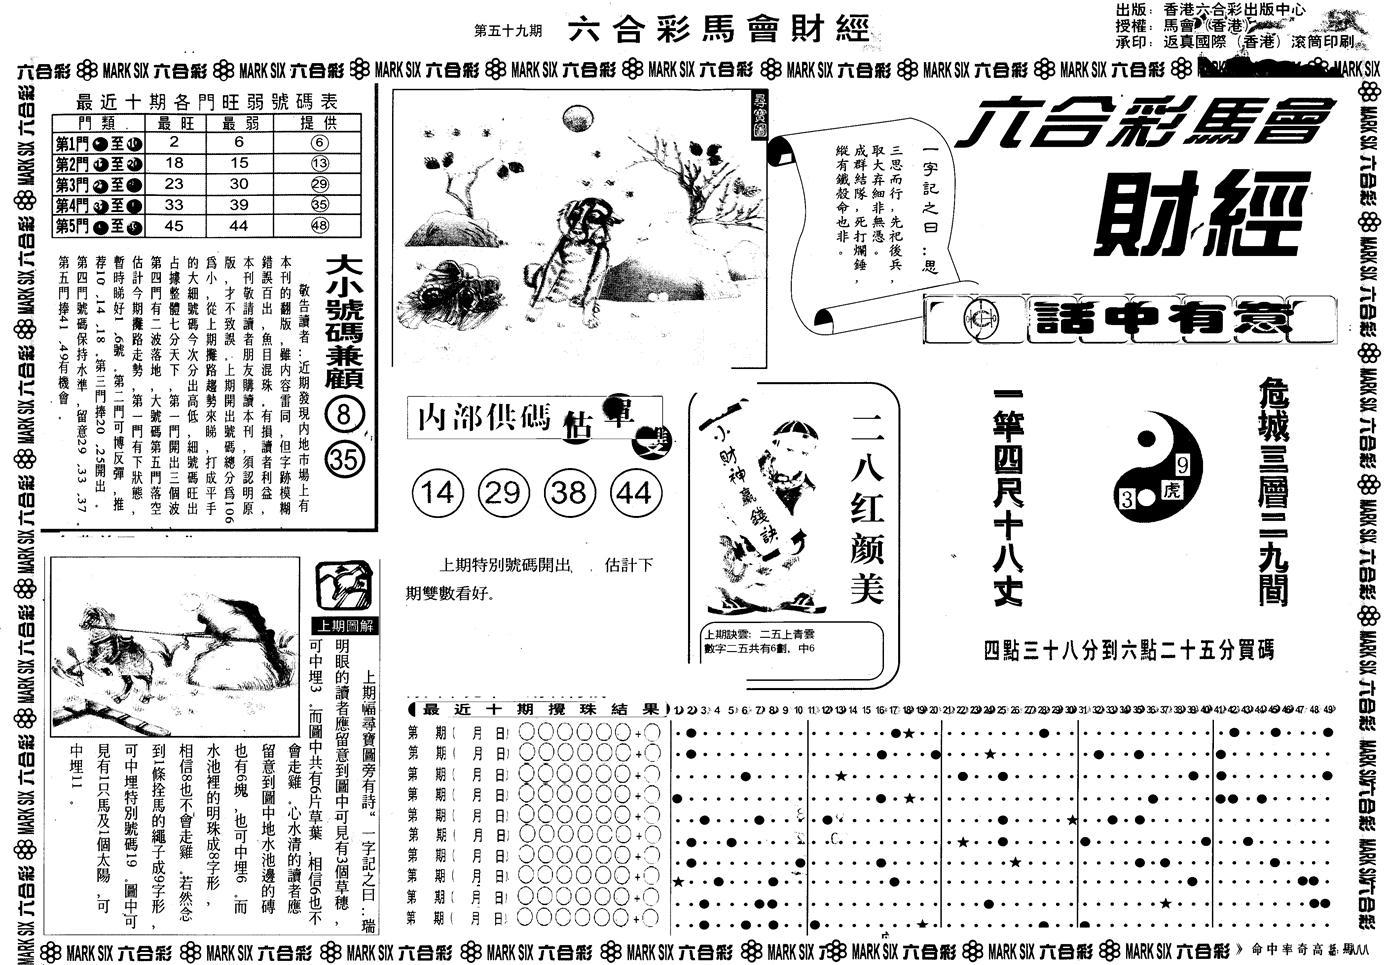 059期另版马会财经A(黑白)